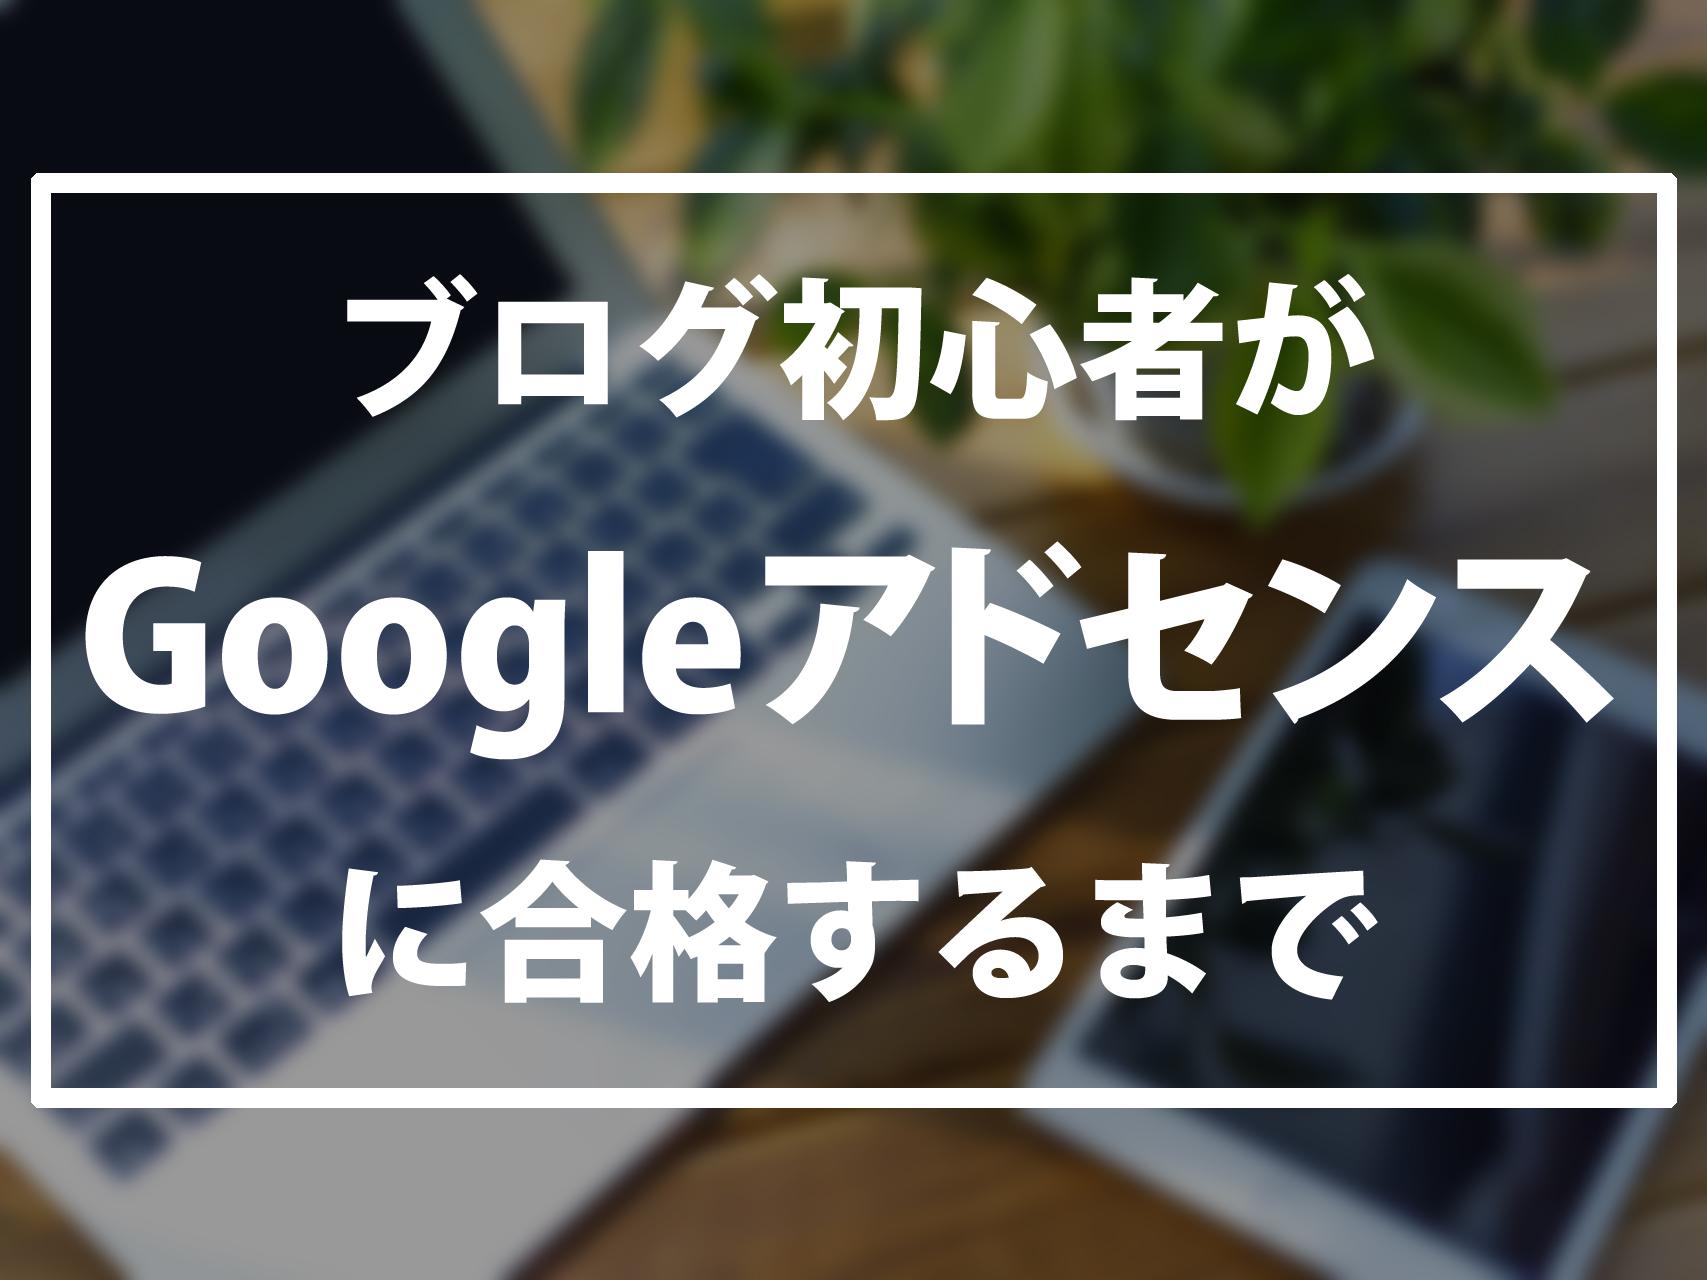 Google AdSense広告の審査に落ちた人必見!再申請で合格して分かった3つの判断基準